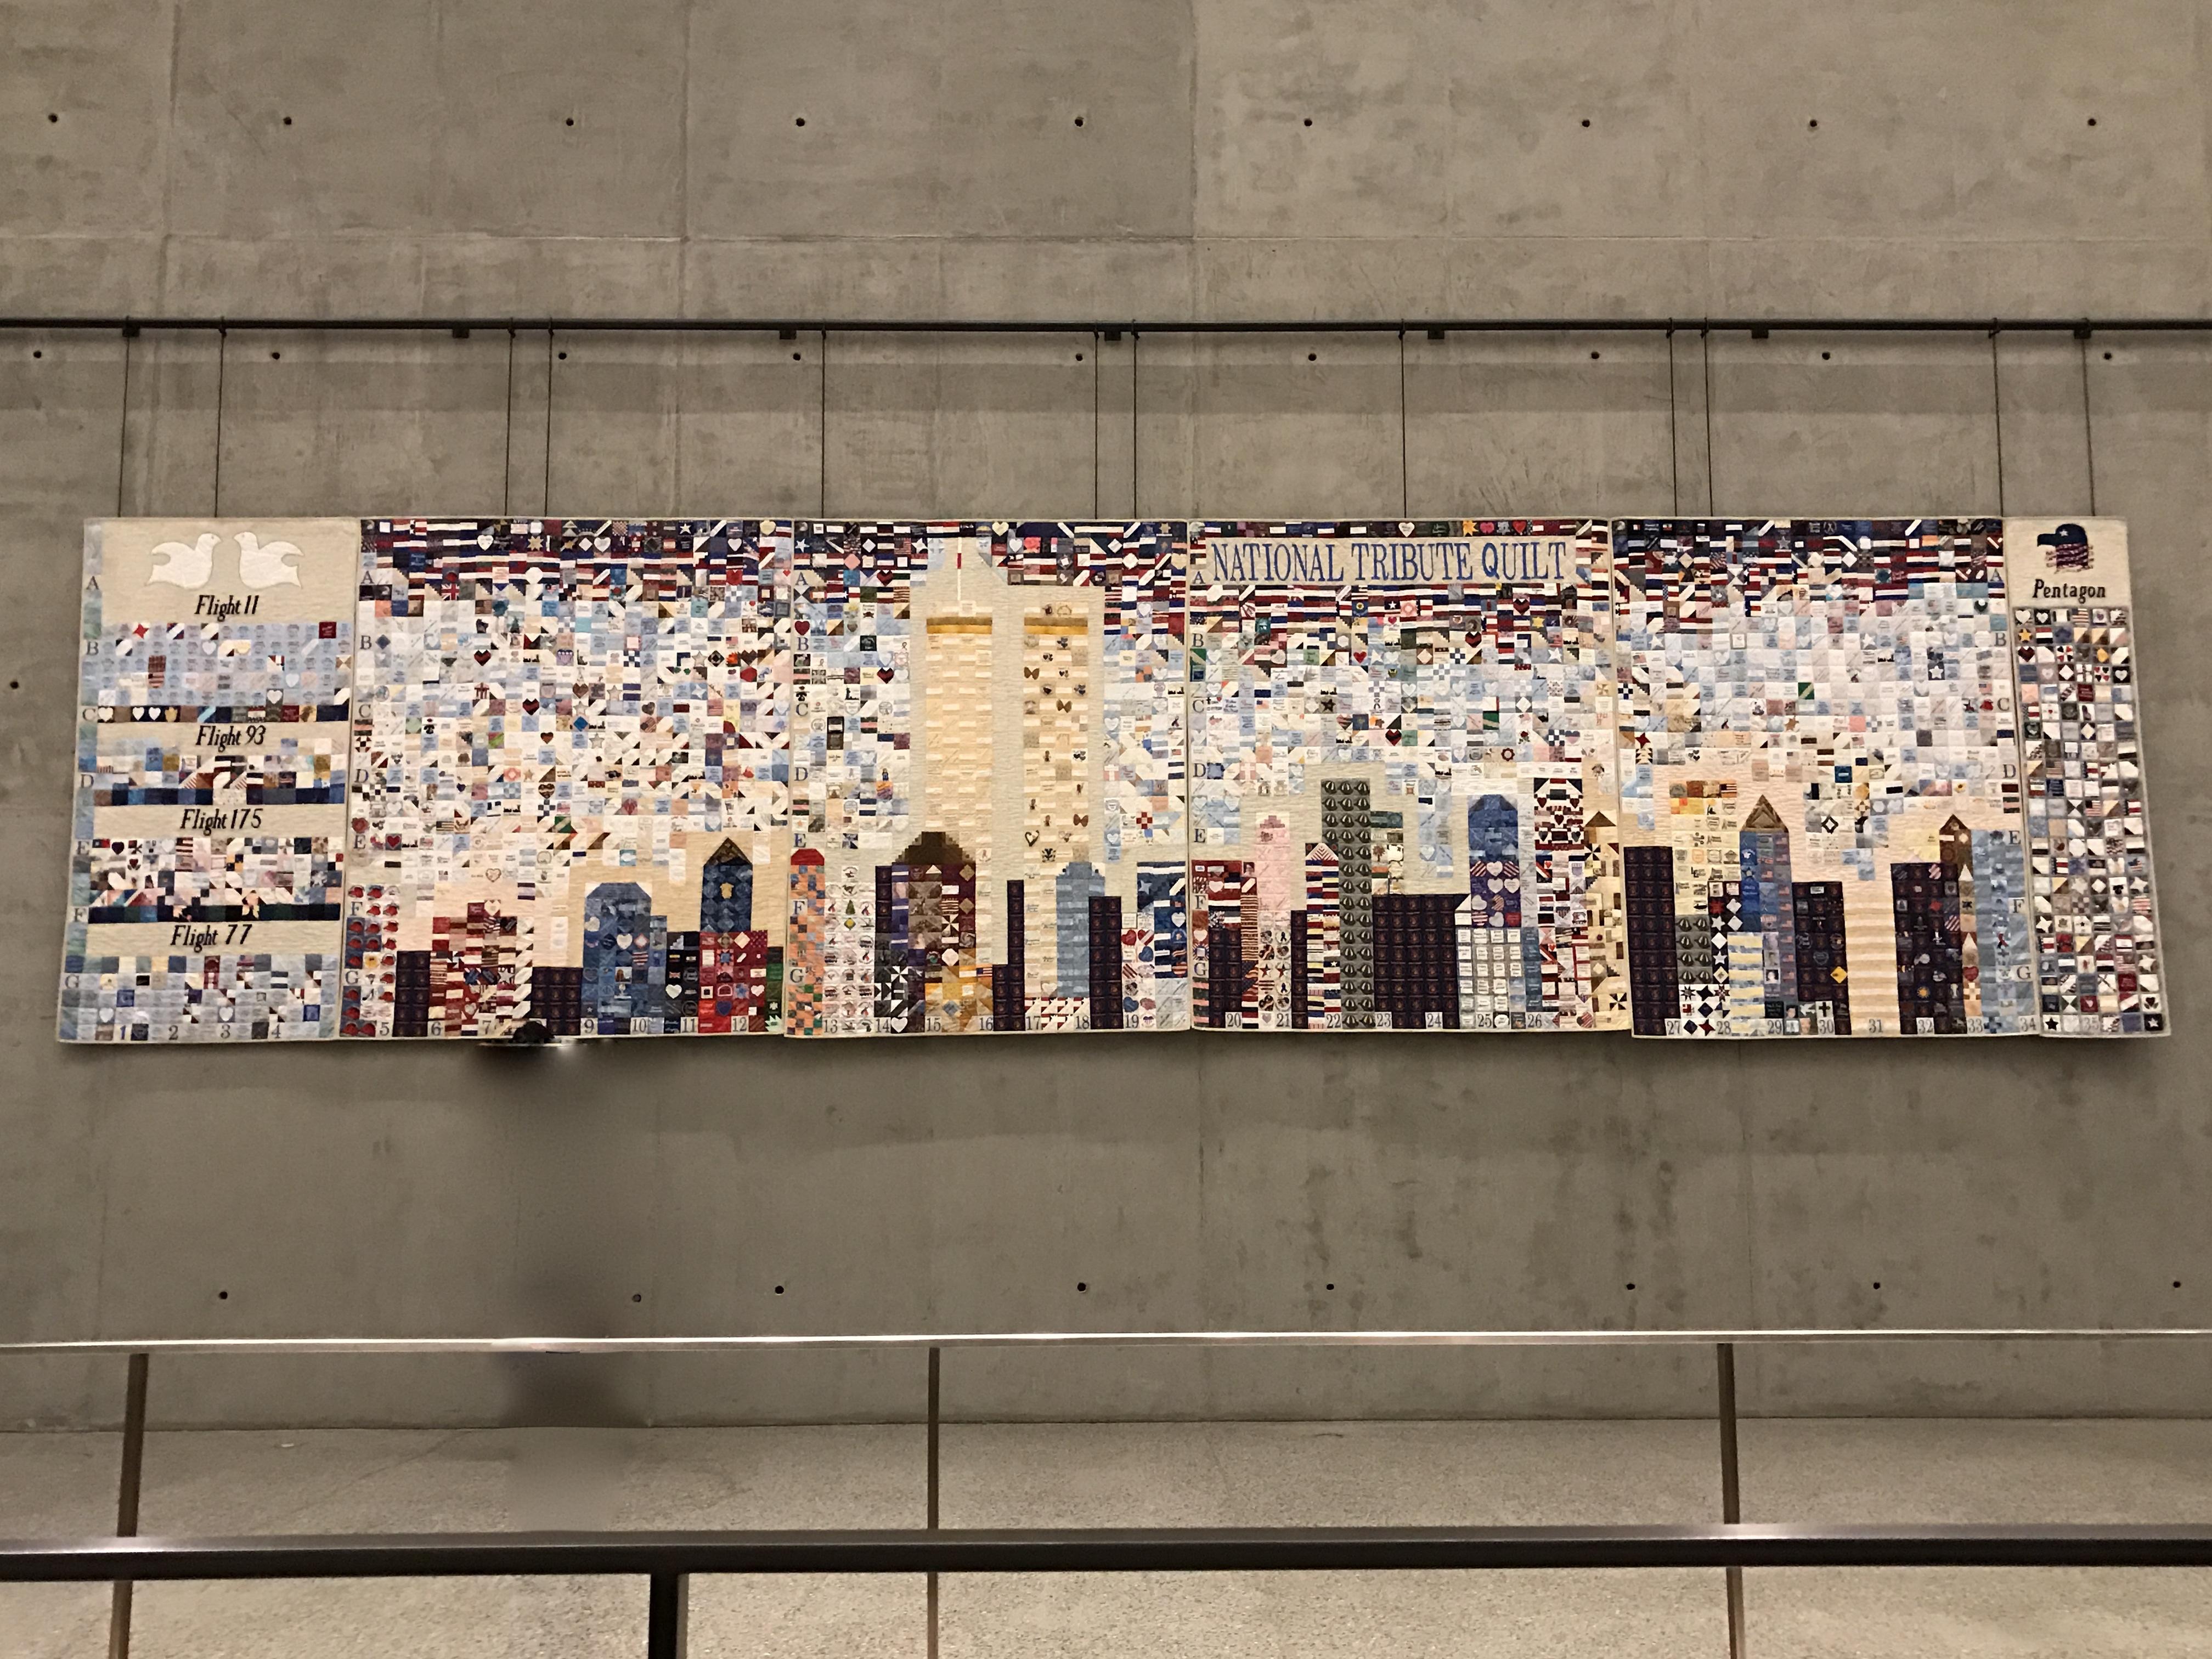 9/11 Museum Quilt